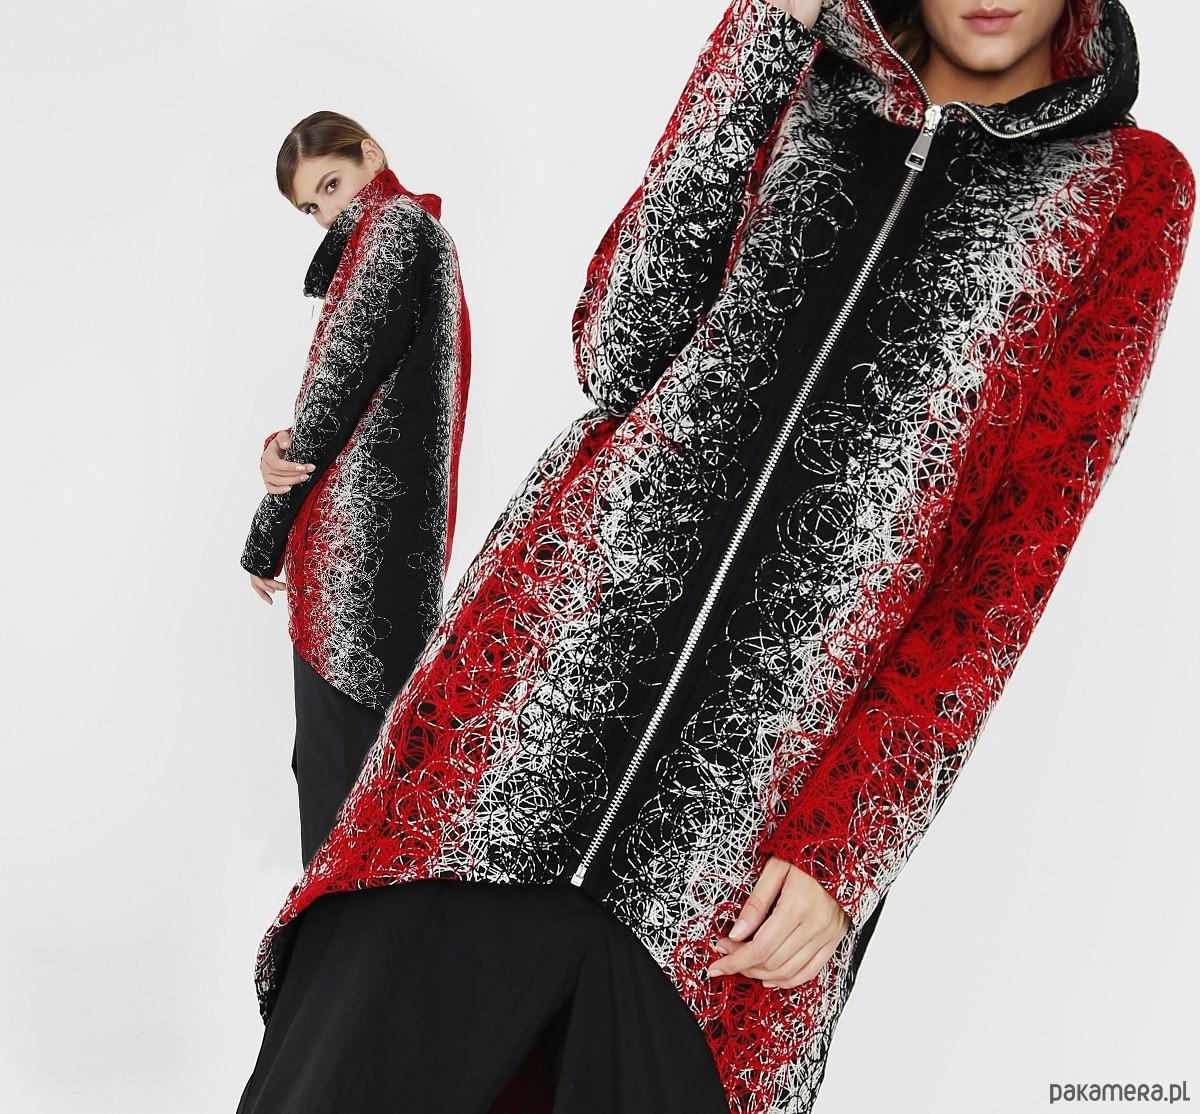 Wełniany płaszcz damski 'trzy kolory